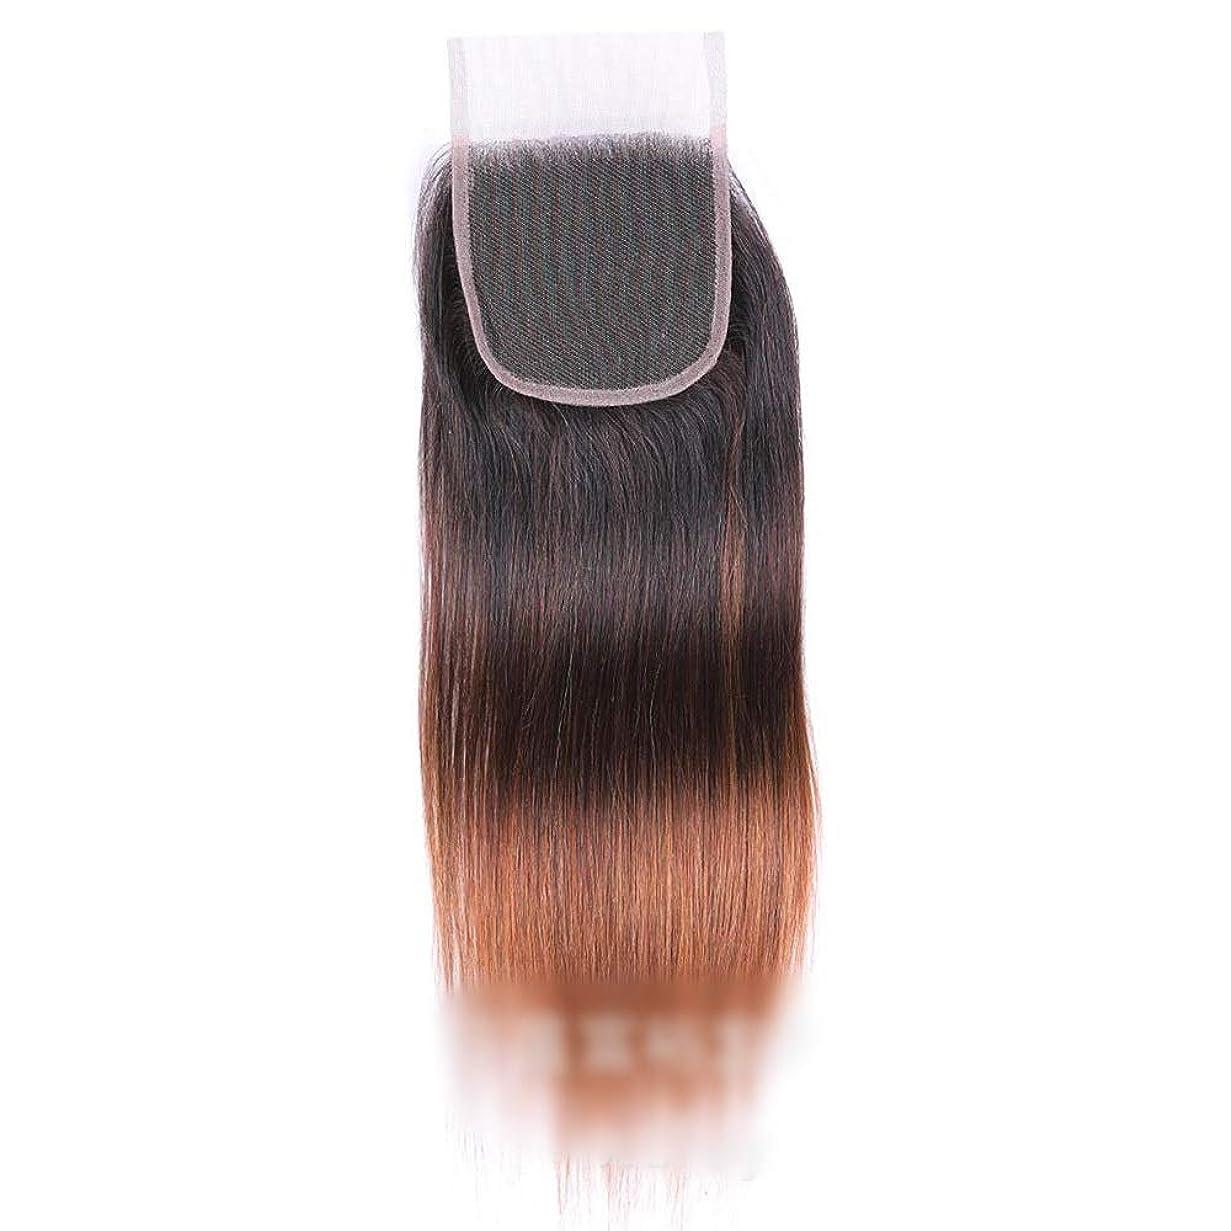 読みやすさ賞ゴムVergeania バージンブラジルの人間の髪の毛の無料パーツストレートレース閉鎖4×4 1B / 4/30 3トーンカラー8インチ18インチファッションかつら (色 : ブラウン, サイズ : 12 inch)